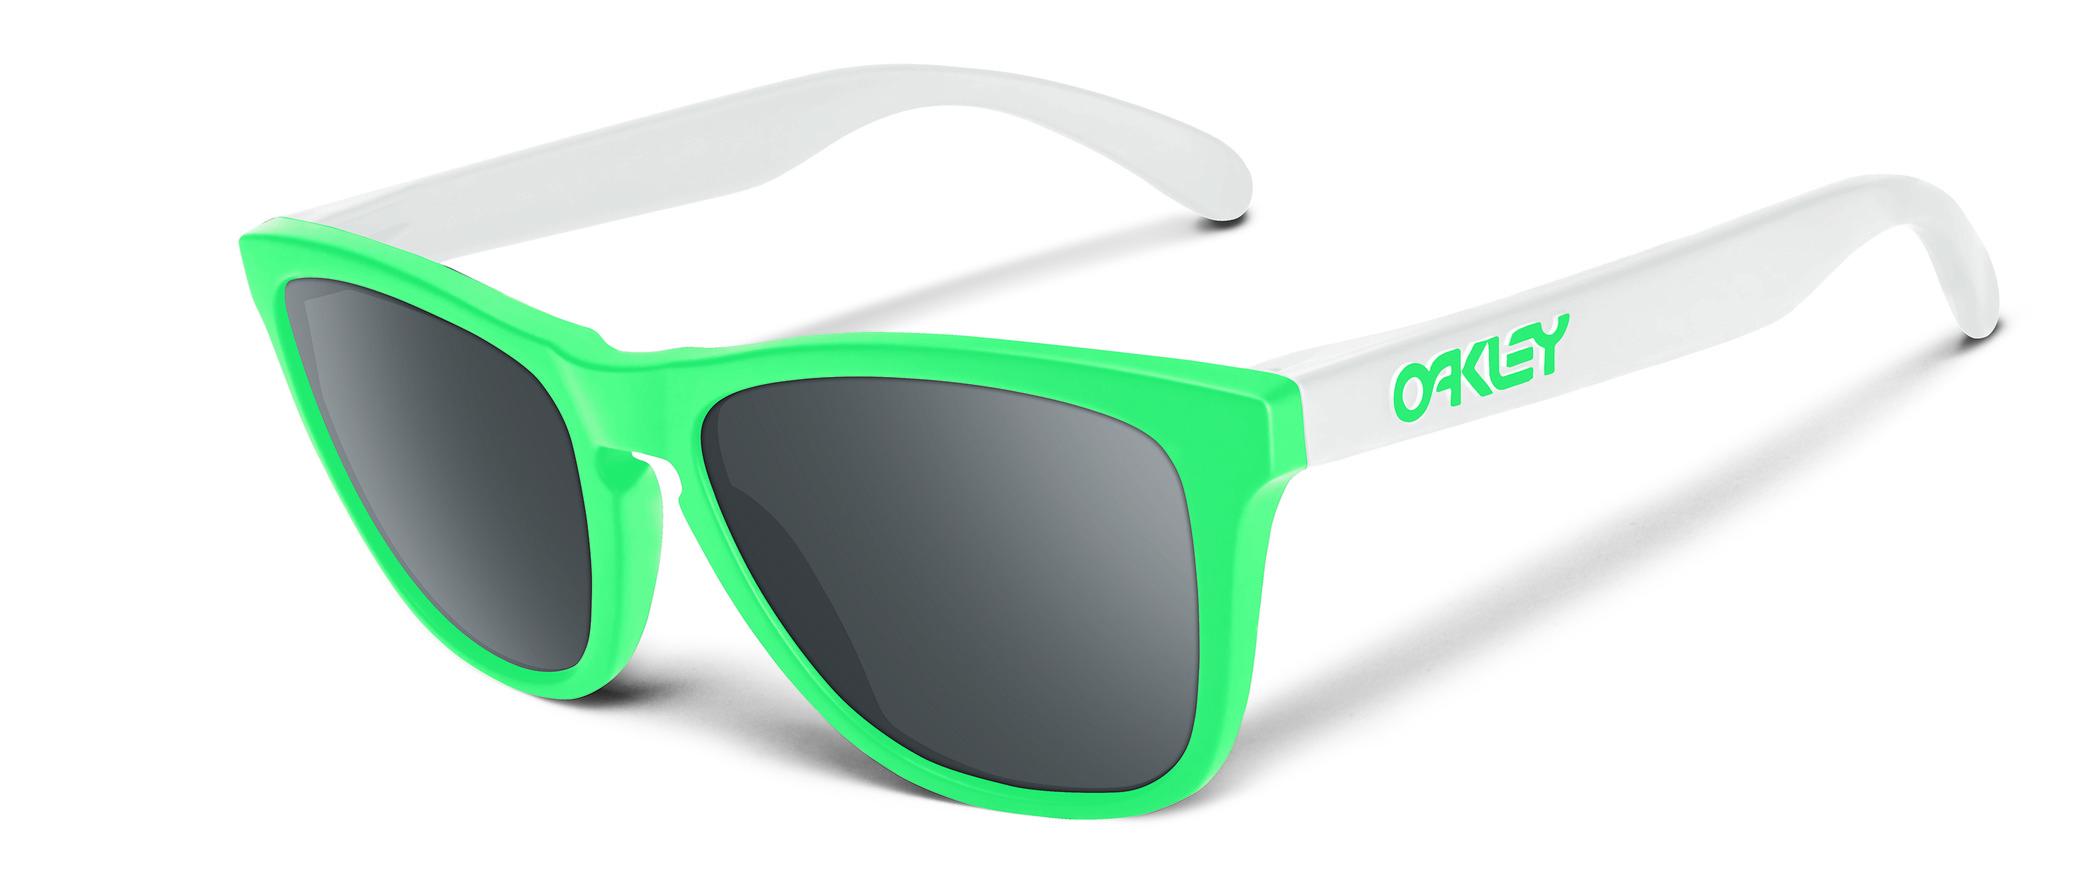 Oakley 2013